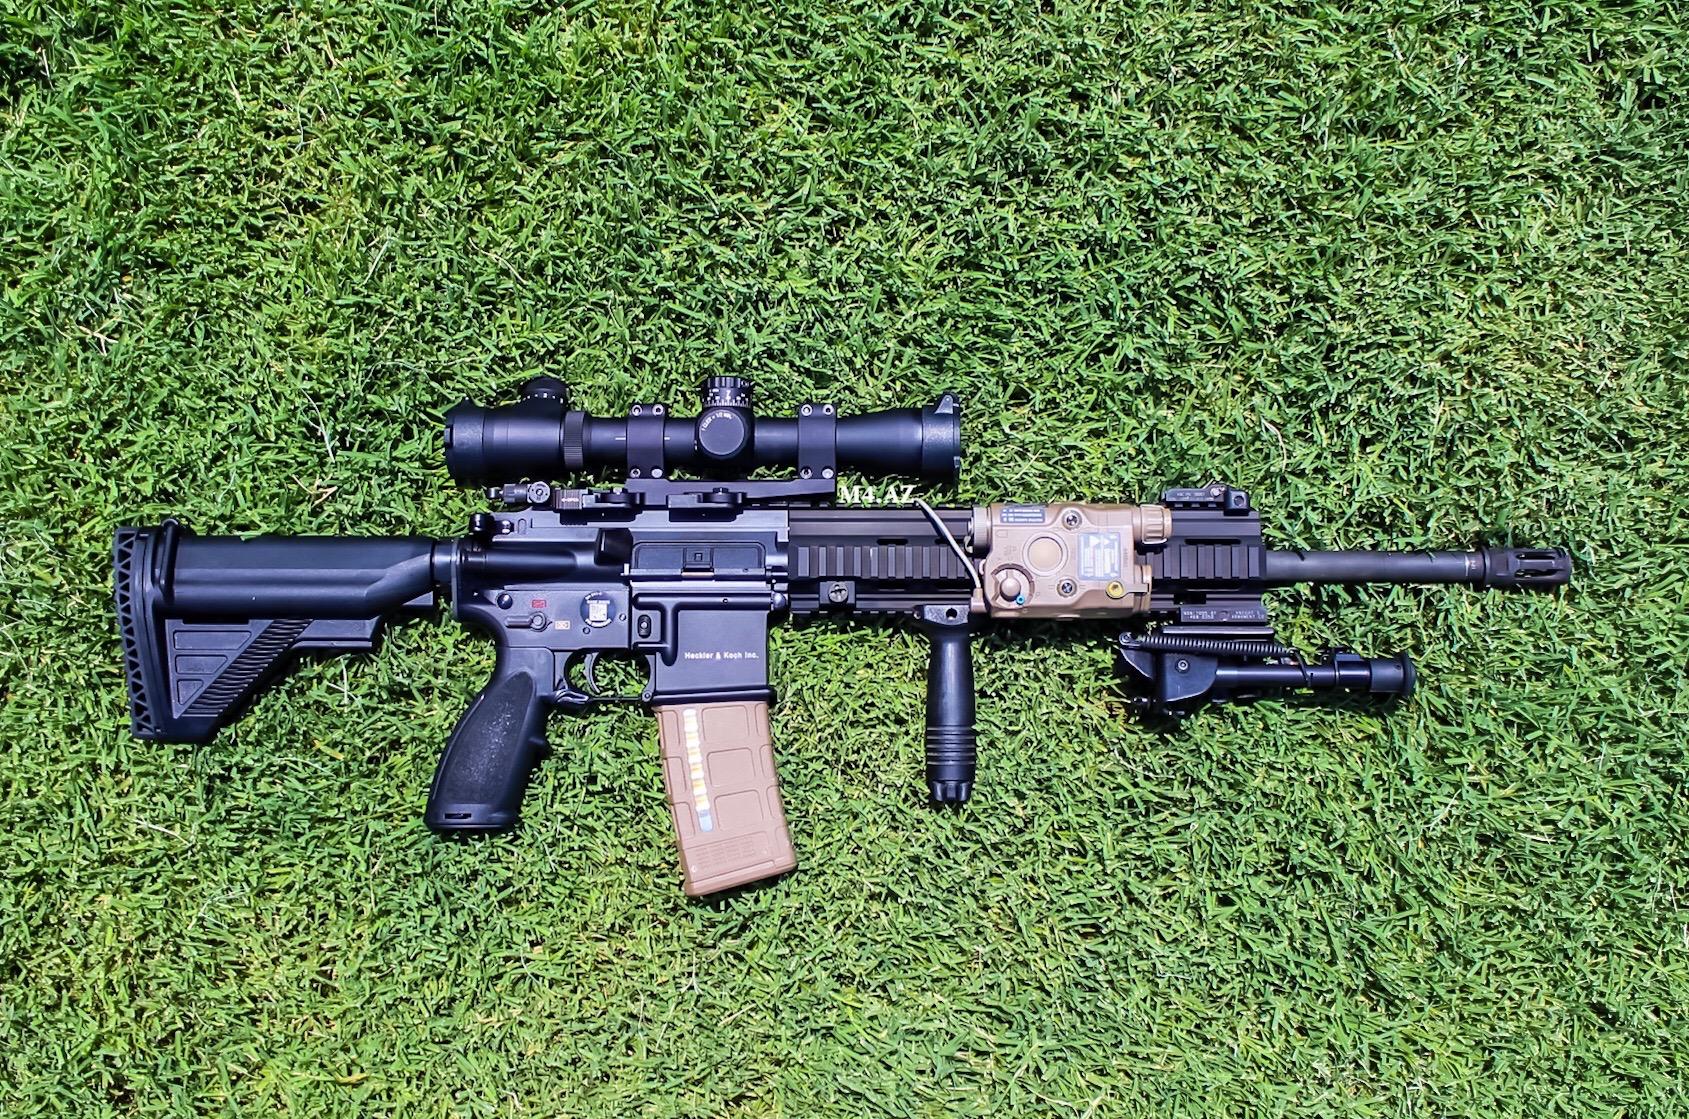 M27 Vs Mk12